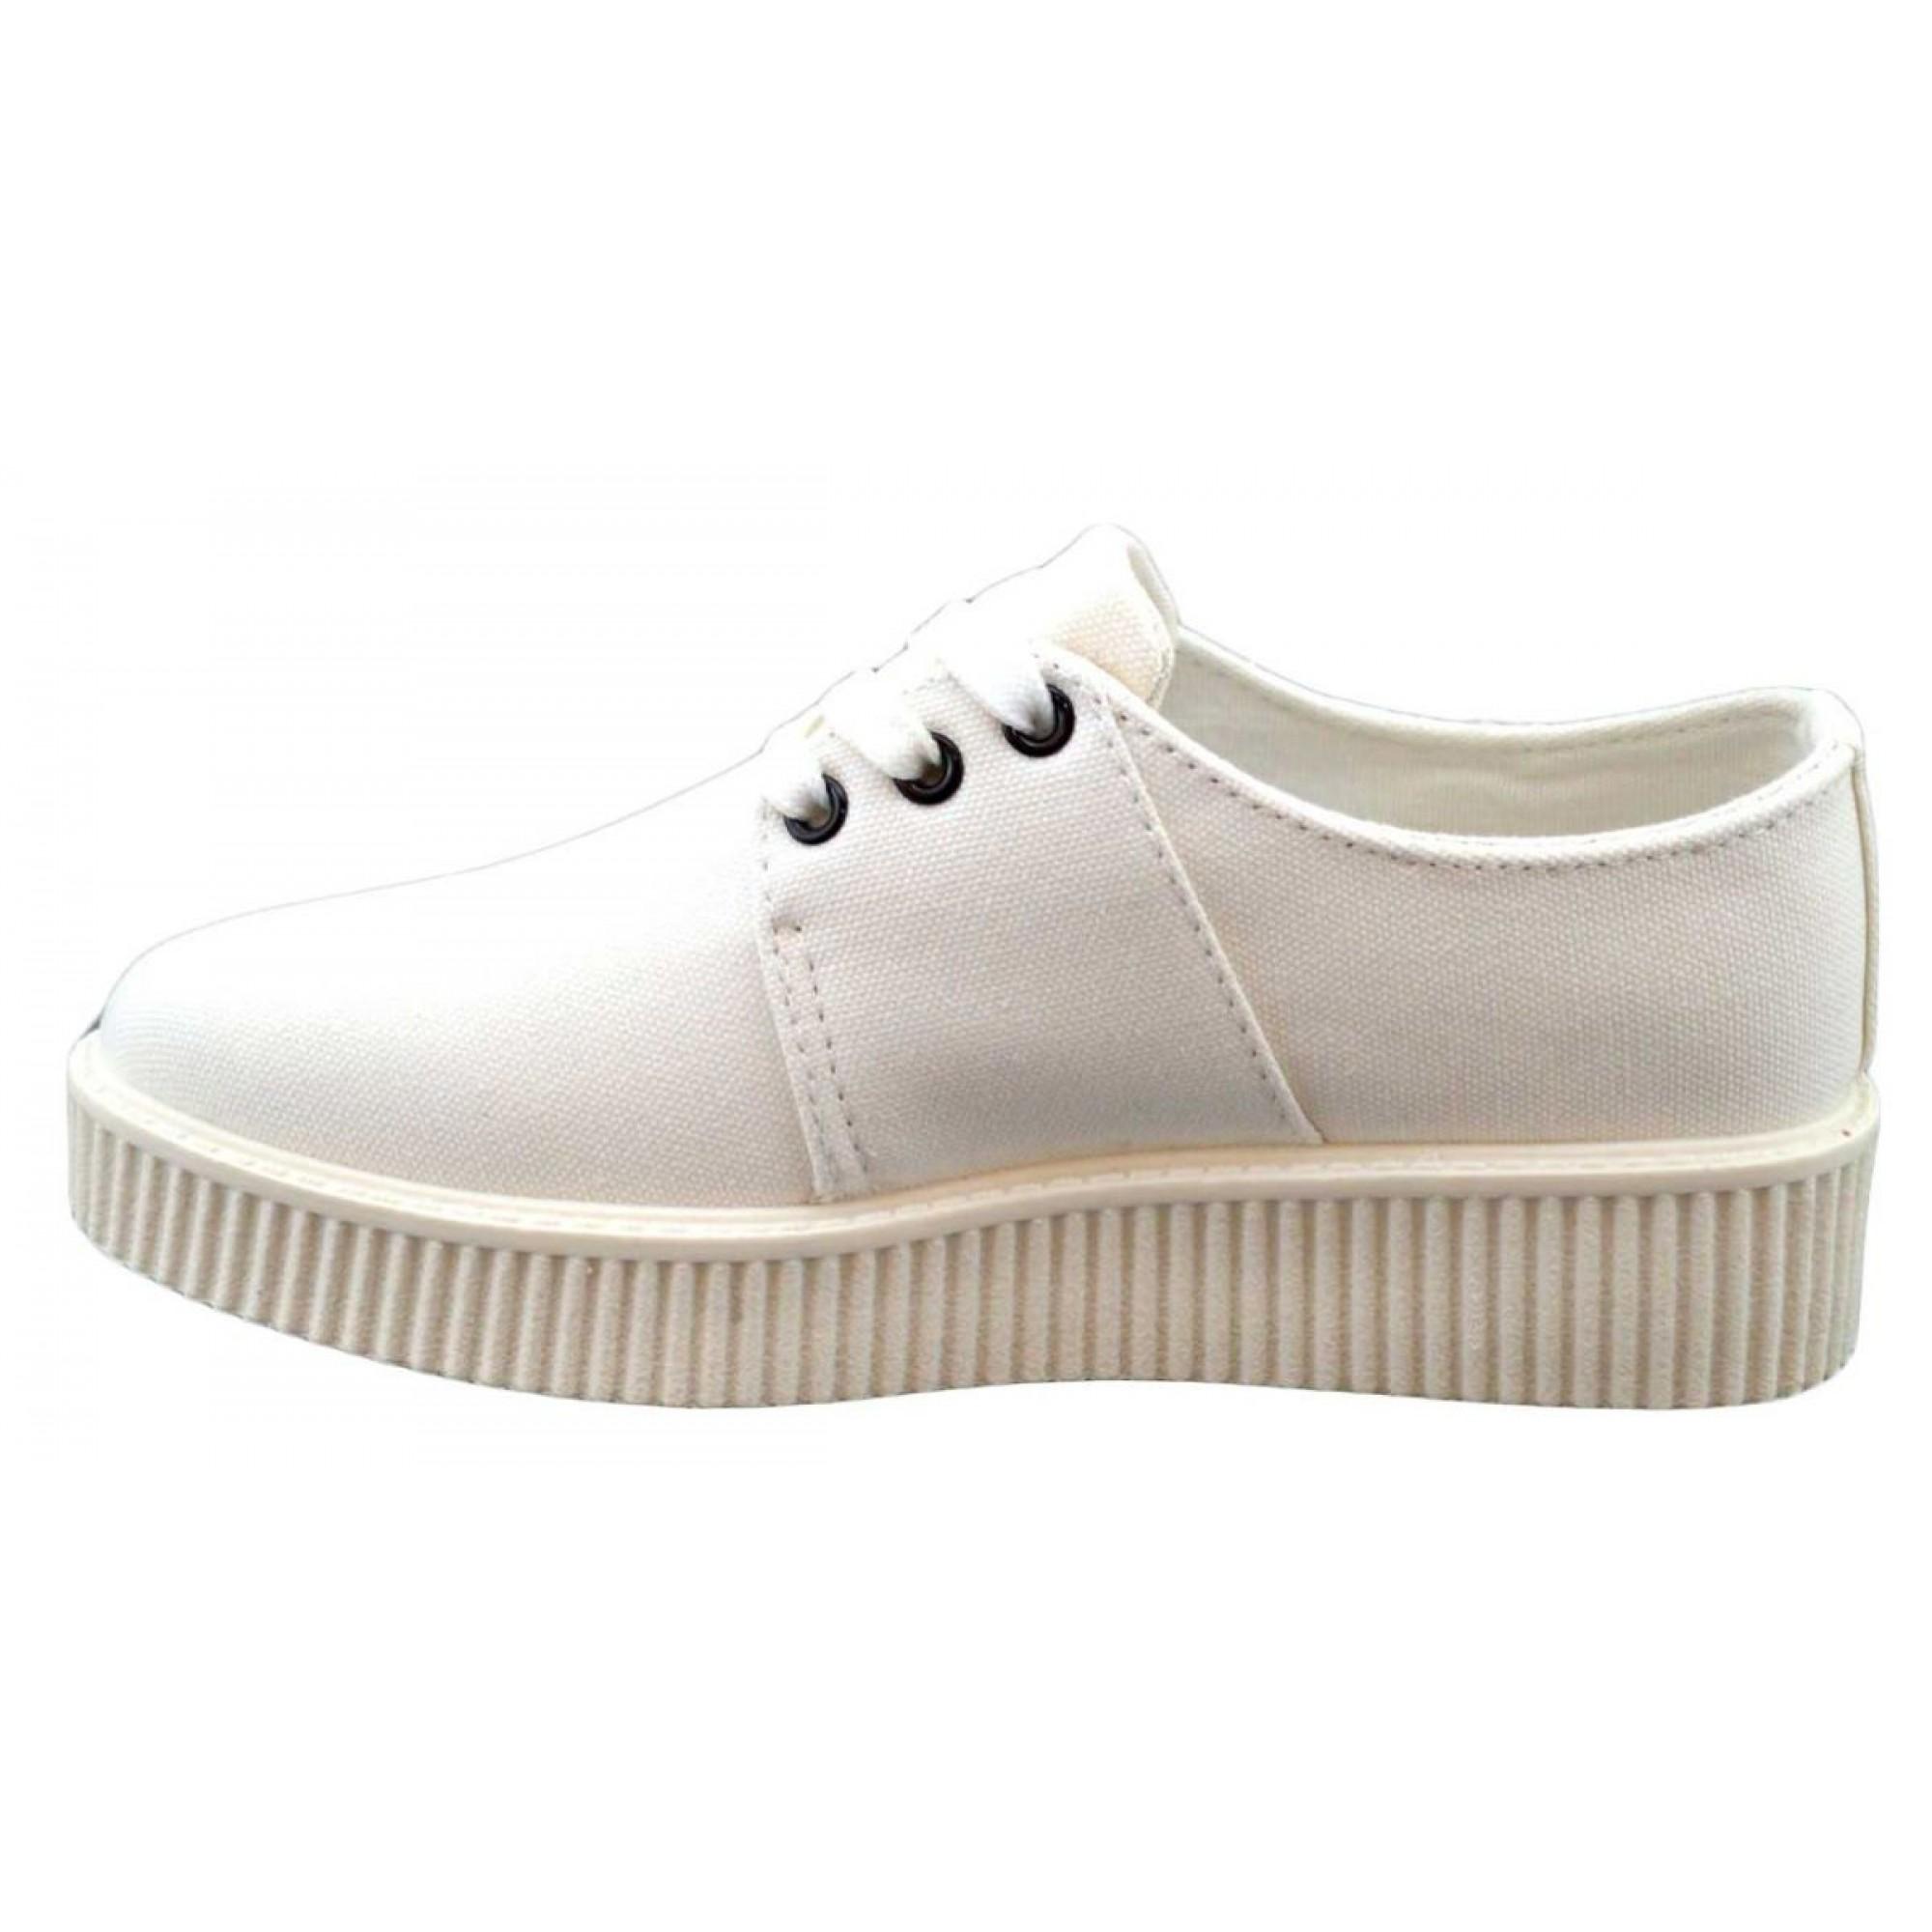 pantofi sport dama albi cu talpa groasa. Black Bedroom Furniture Sets. Home Design Ideas